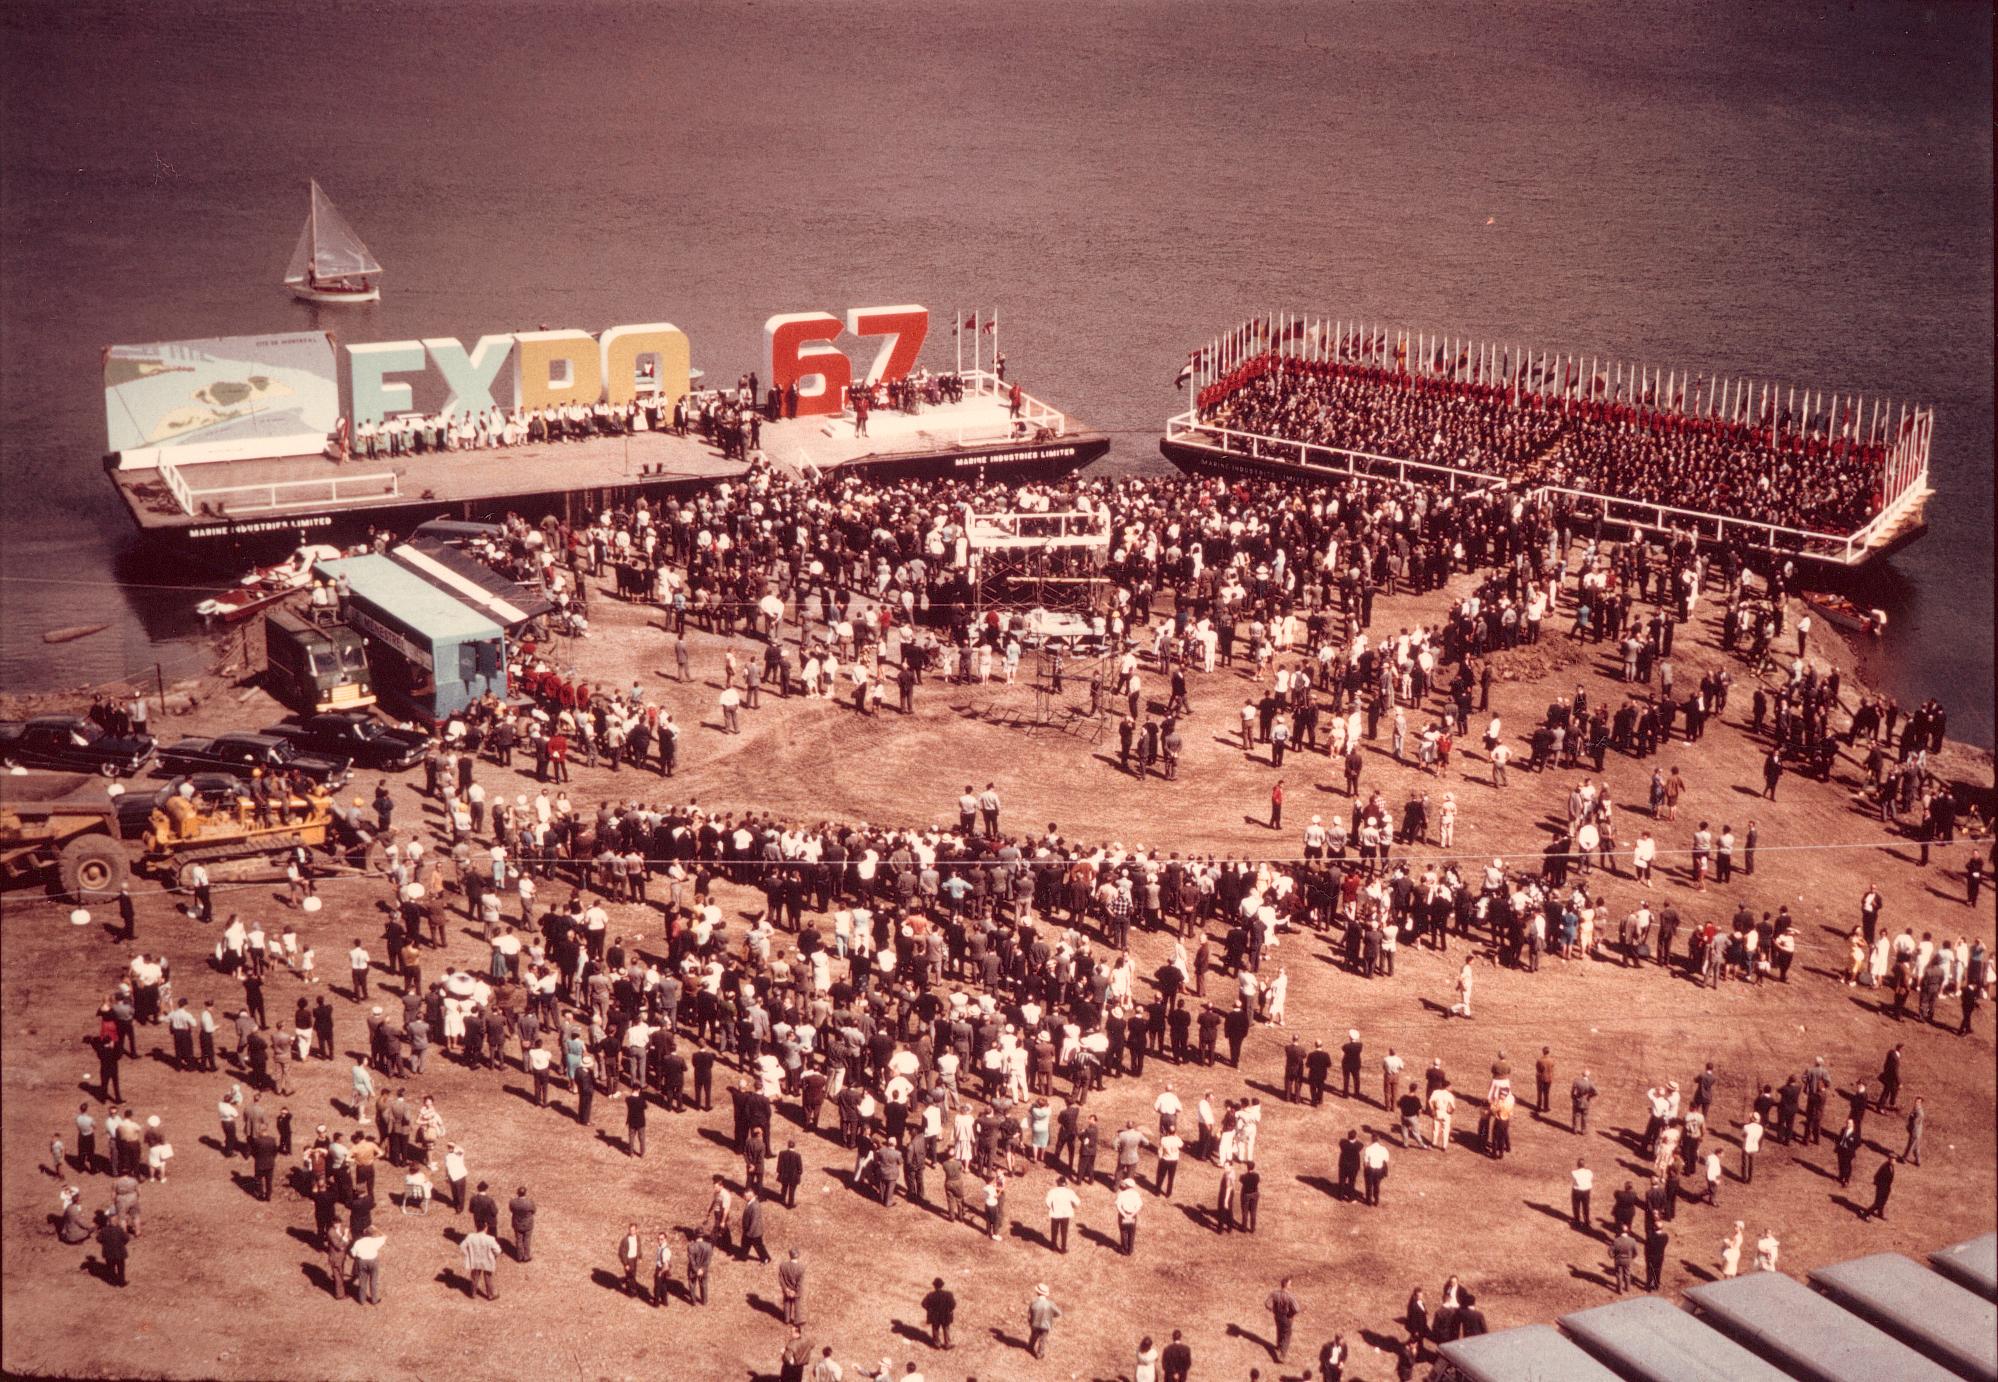 Nan-b et Philippe II de Gaspé Beaubien, au cœur des célébrations entourant les 50 ans d'Expo 67